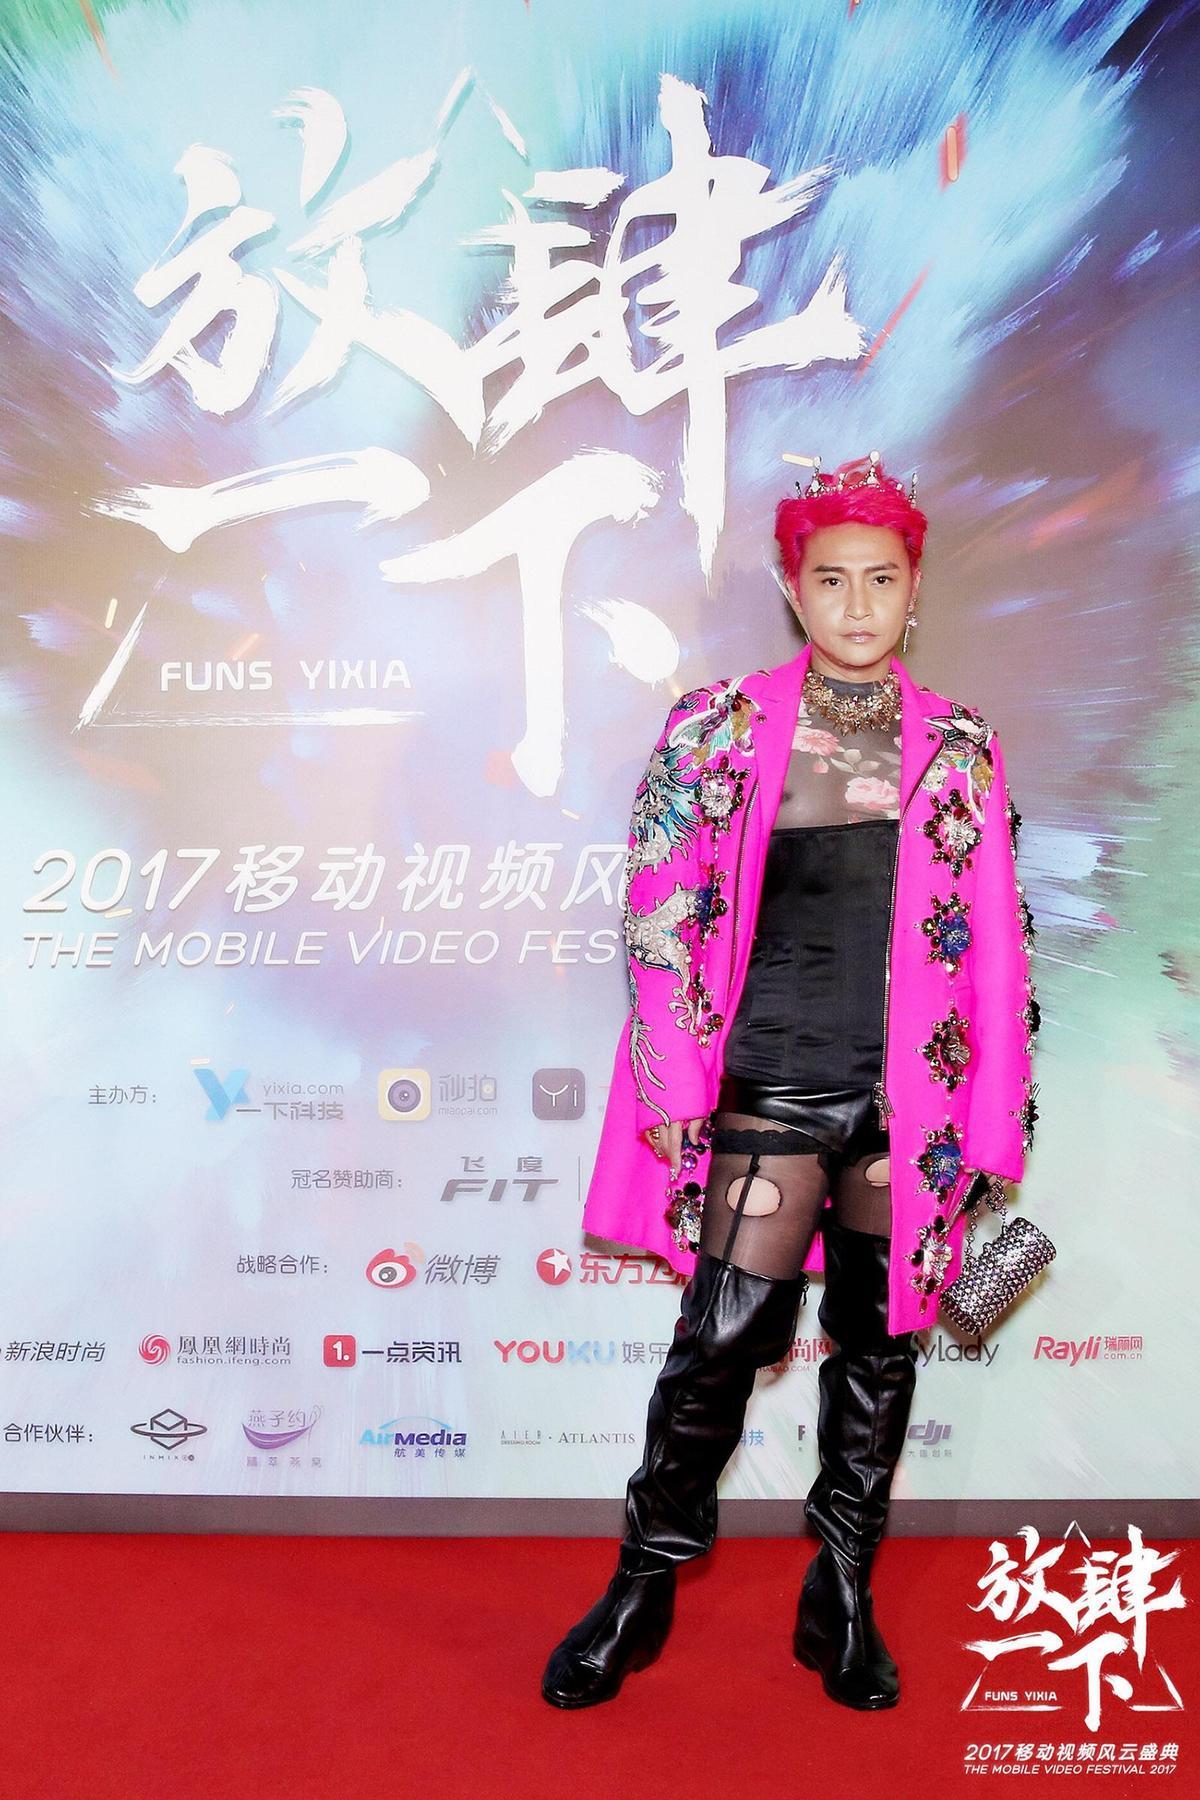 雖然因「小虎隊」爆紅出道,陳志朋自嘲叫小帥虎的頭銜「最不紅」。(誠利千代提供)